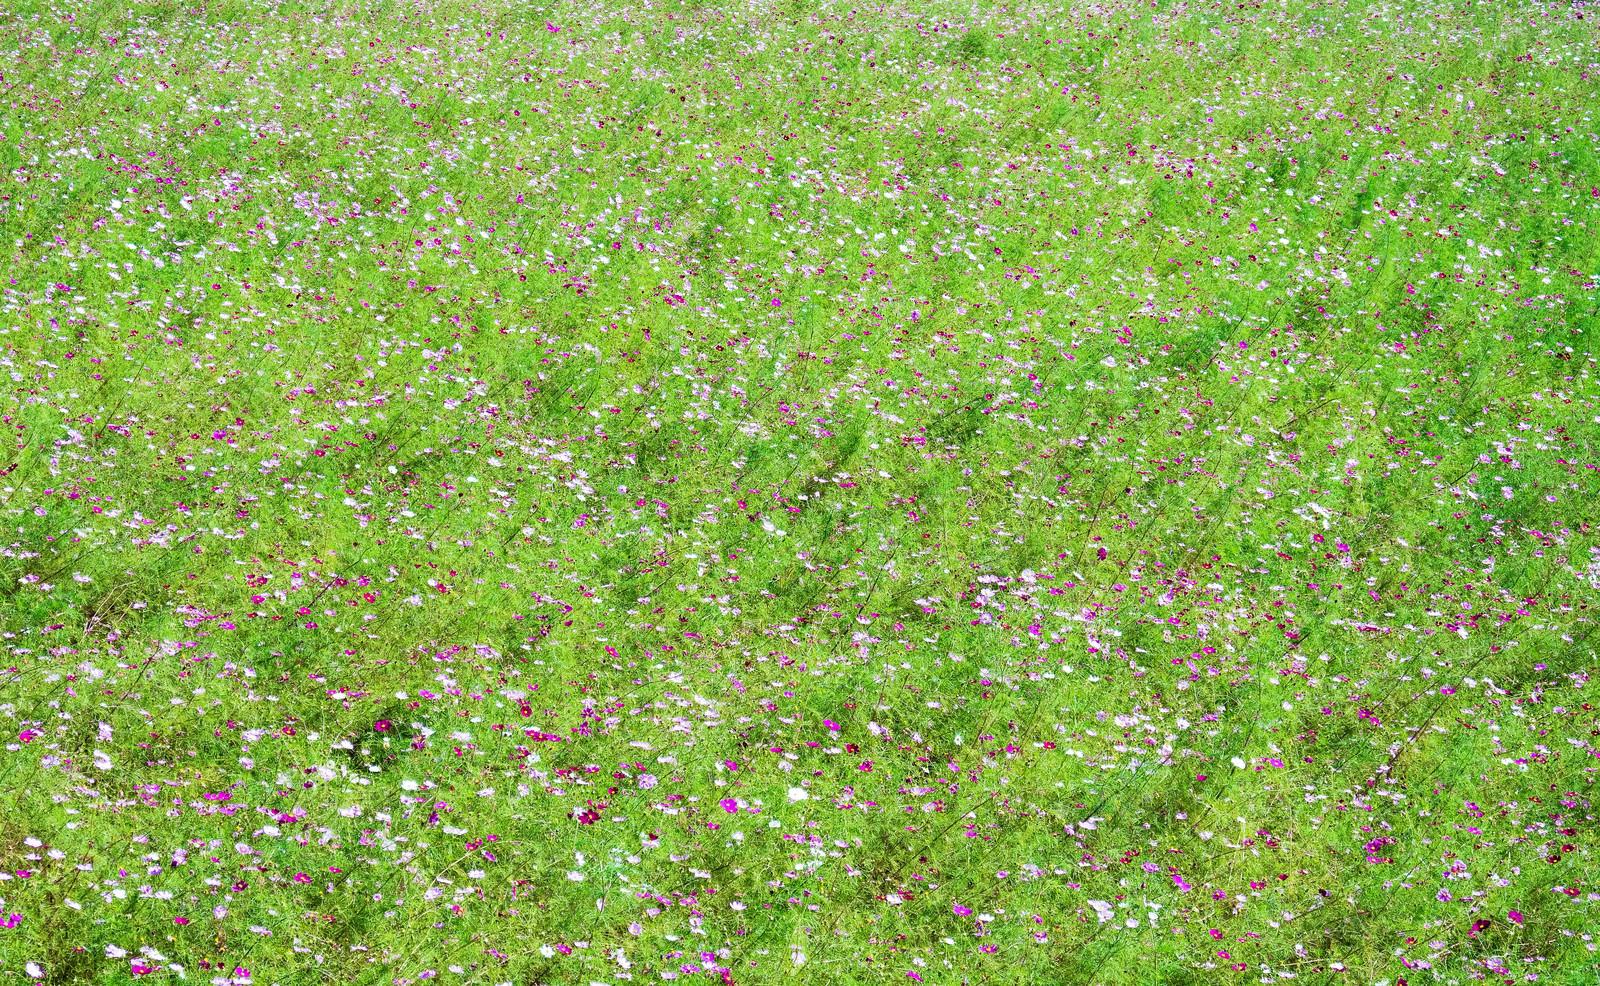 「一面のコスモスの花を上から」の写真